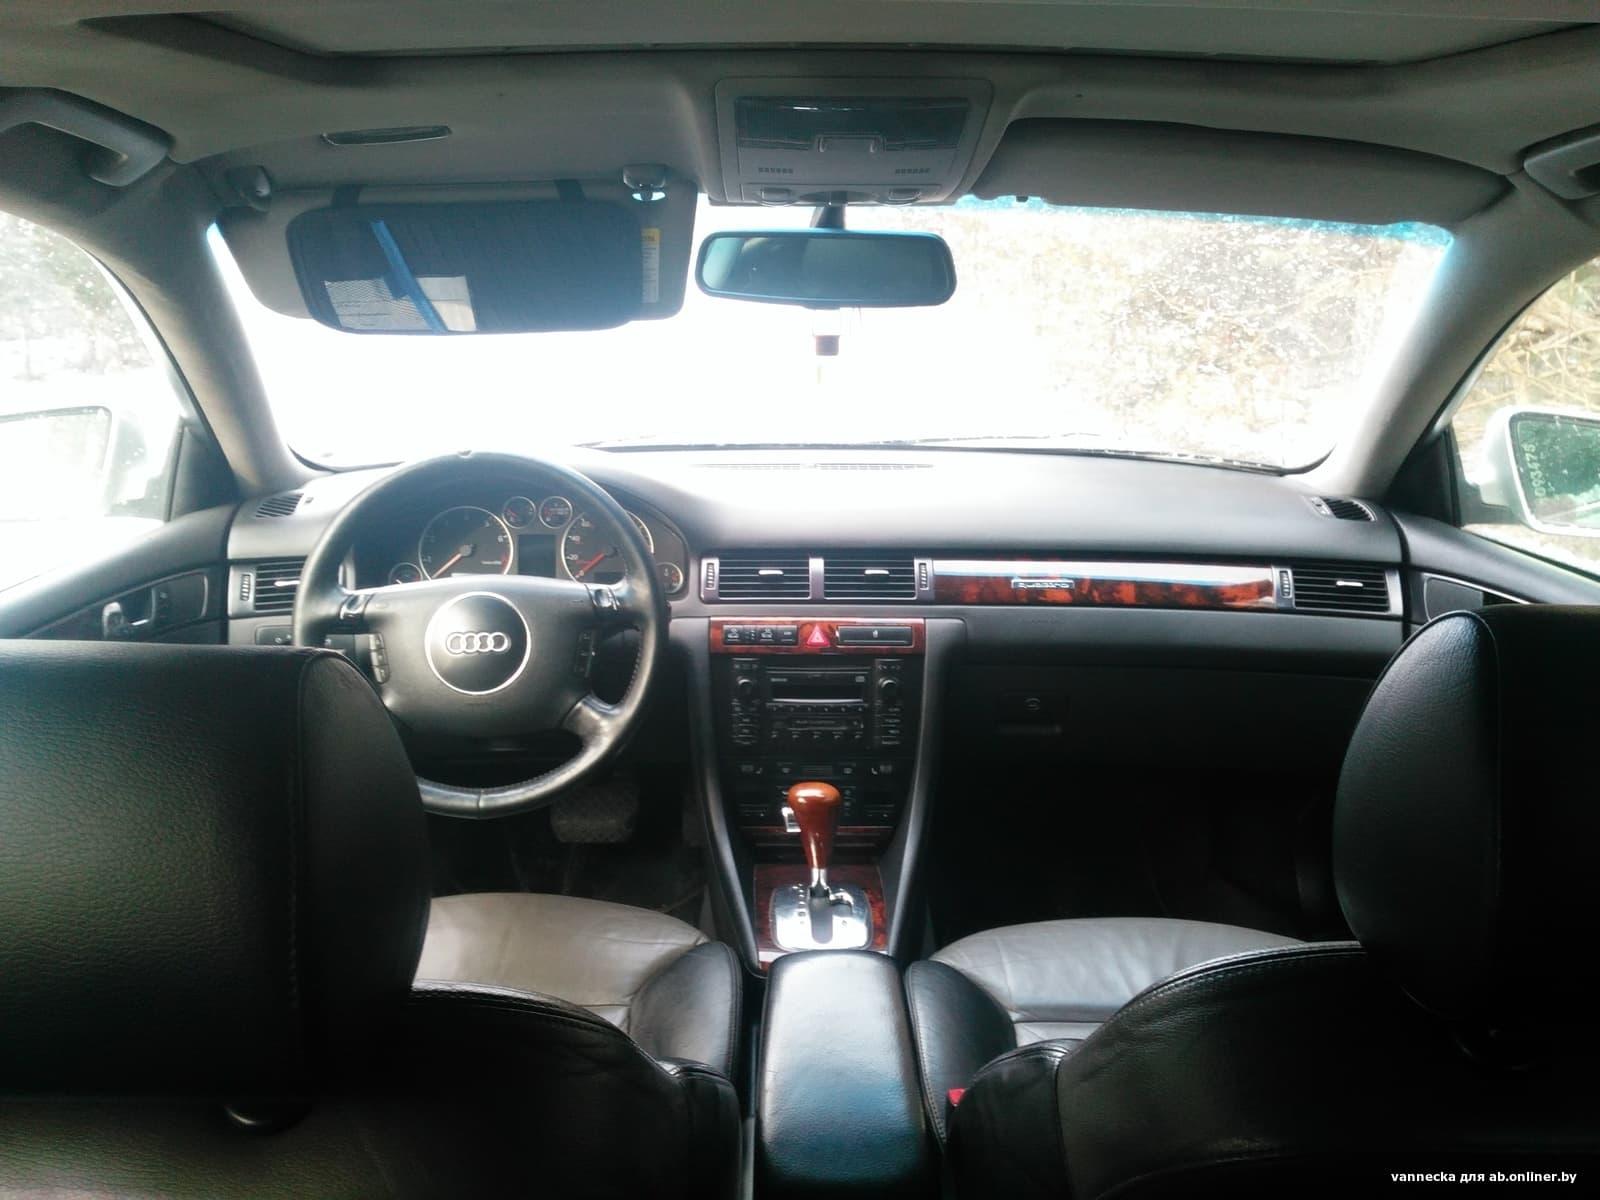 Audi A6 Allroad БЕЗ ПНЕВМЫ